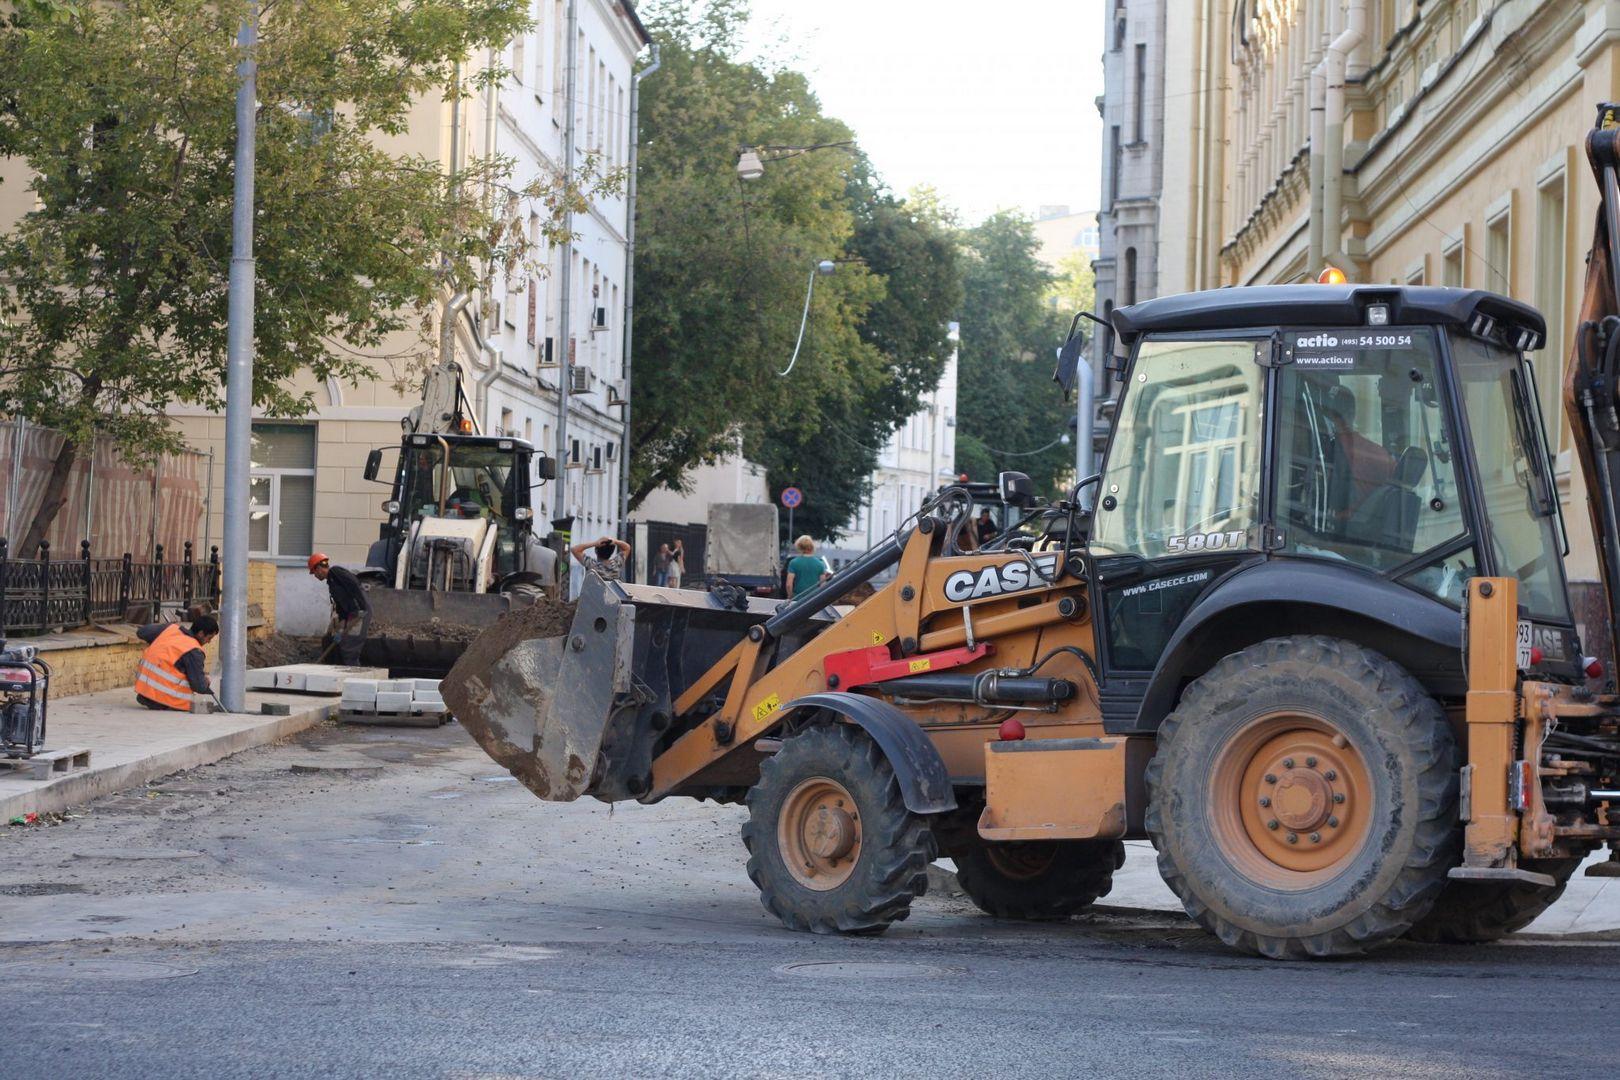 улица Остоженка, ремонт дорог, асфальт, плитка